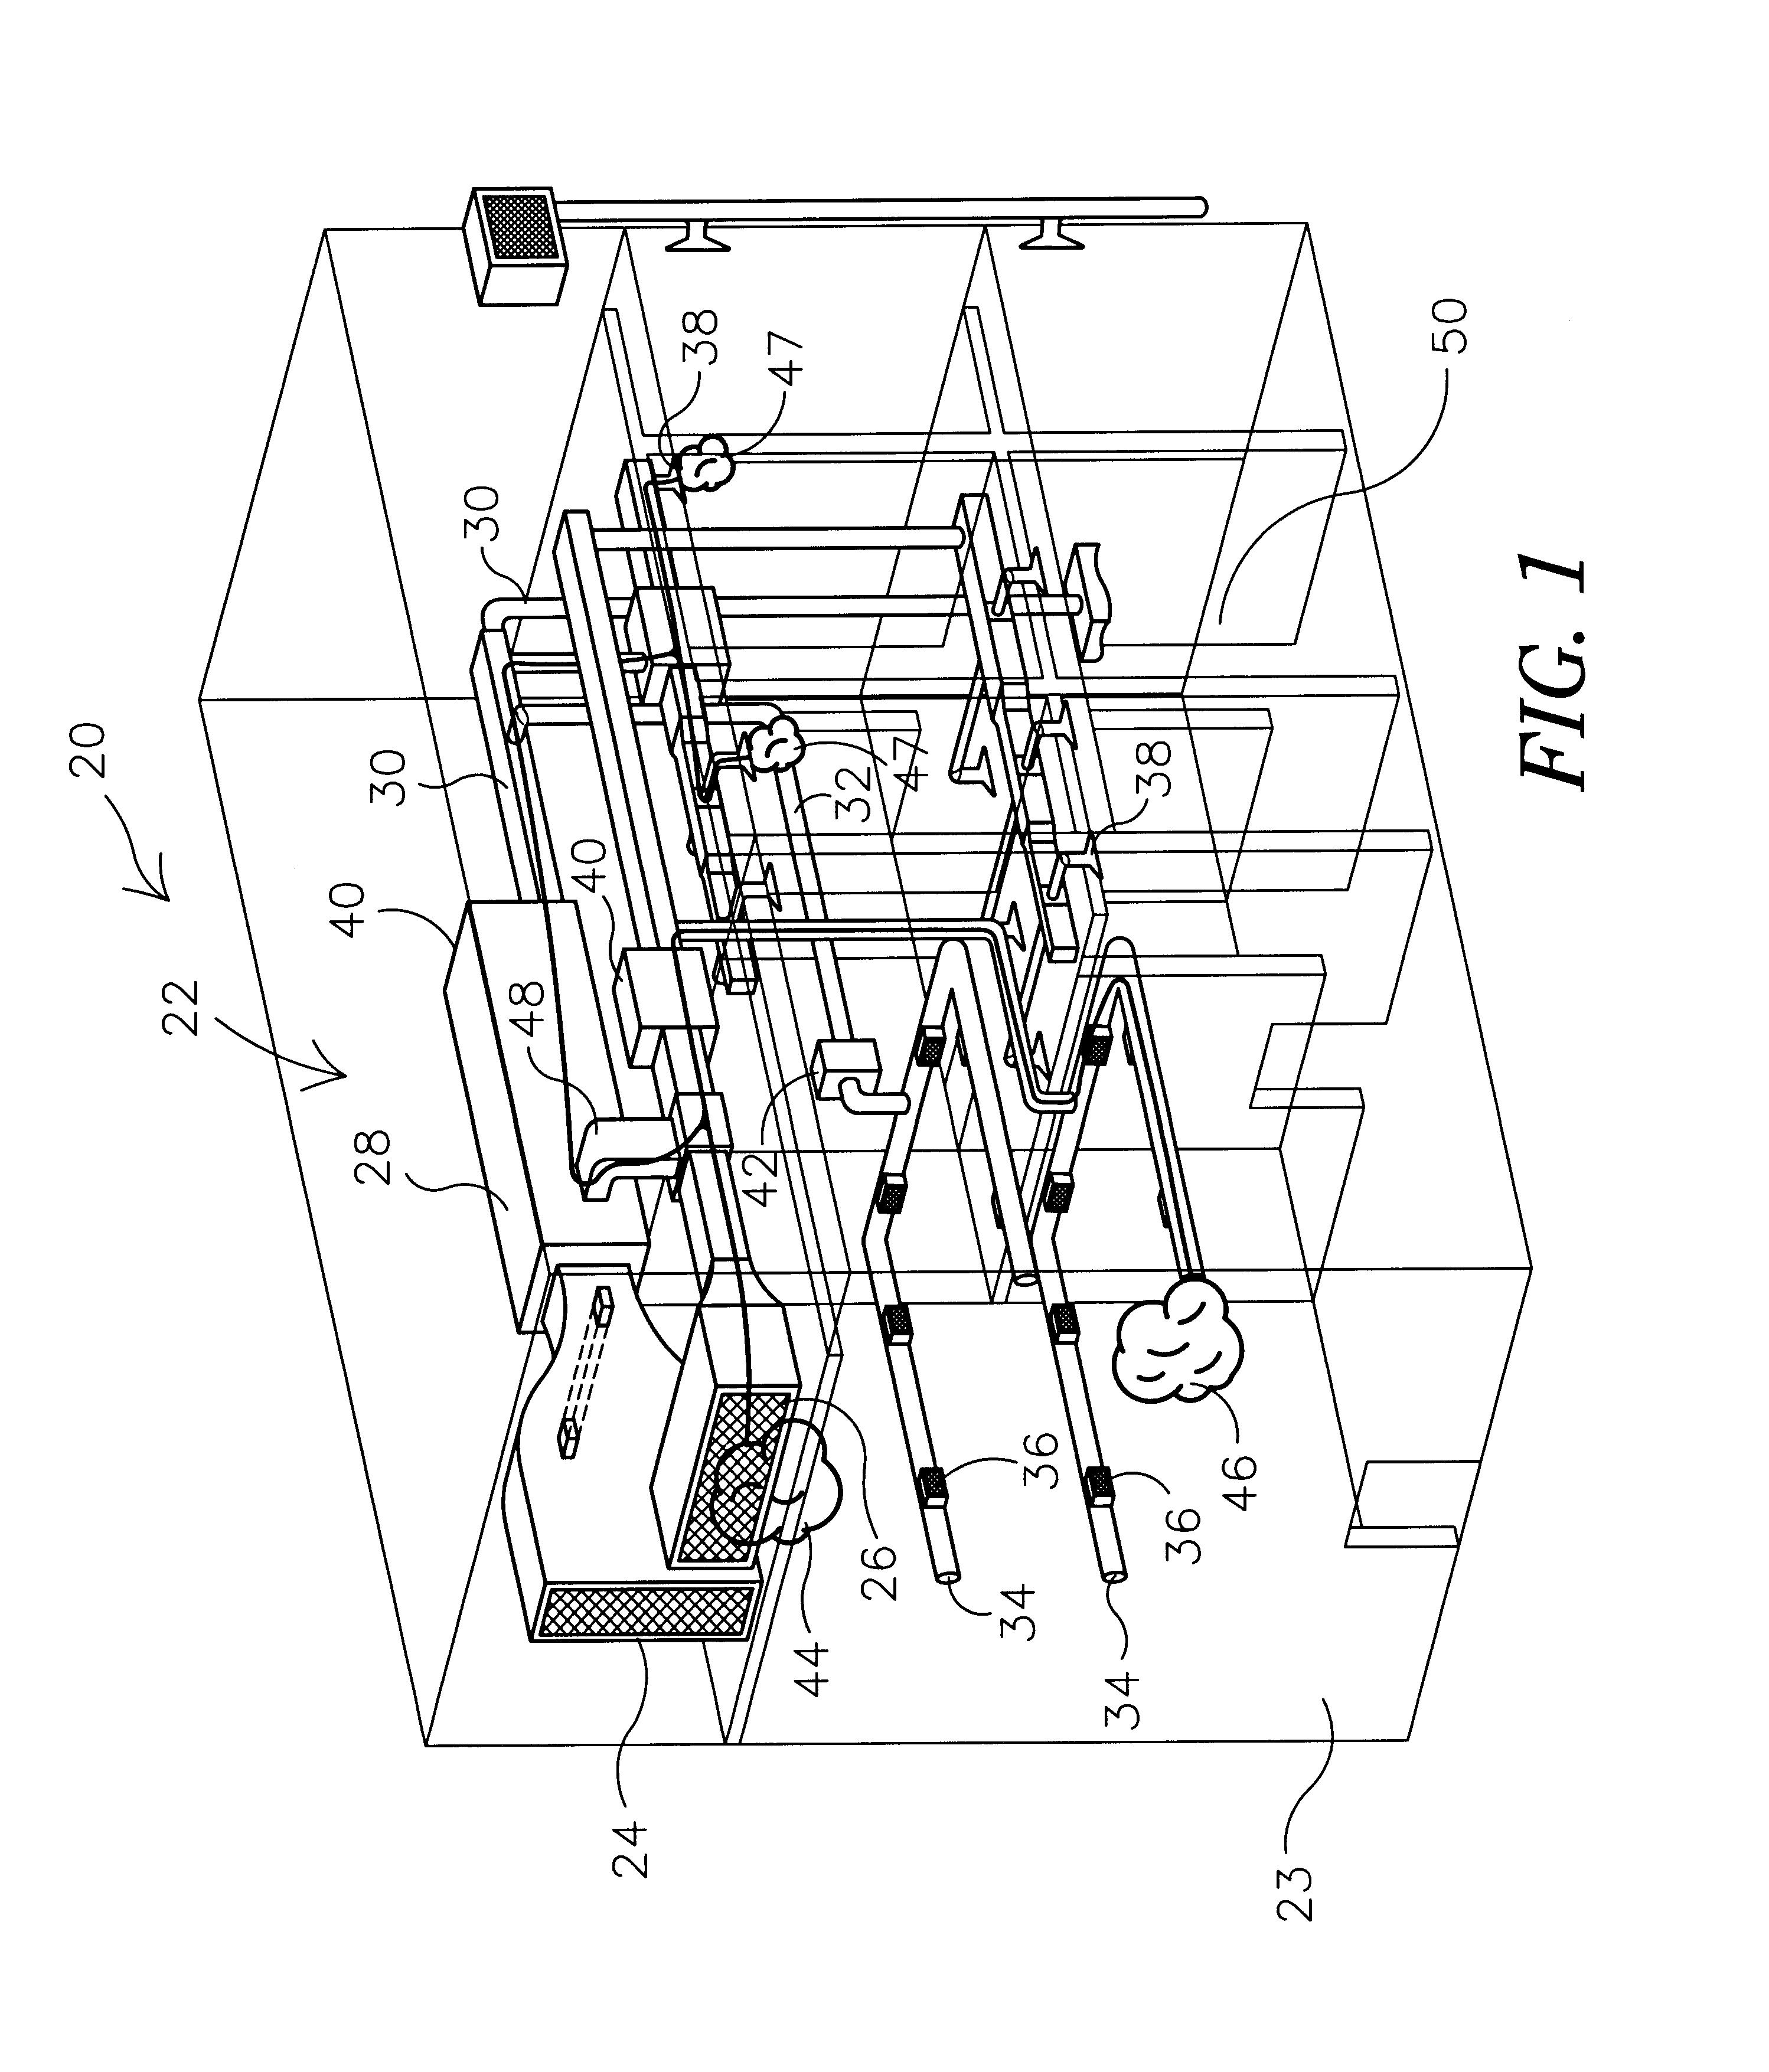 patent us6688968